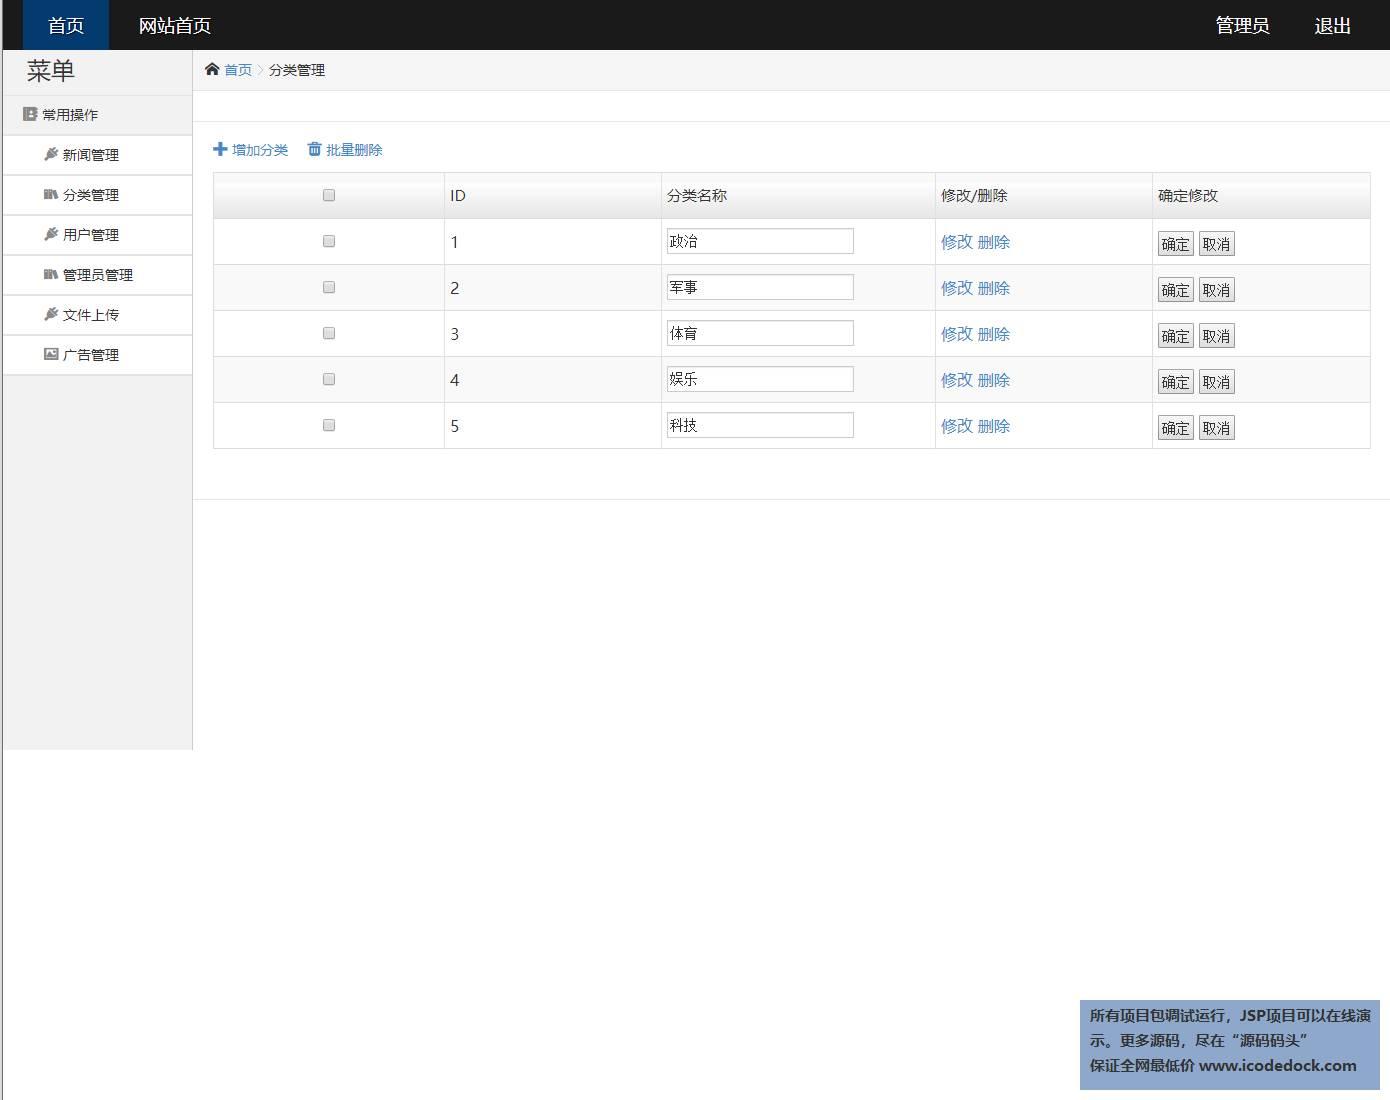 源码码头-SSM新闻网站管理系统-管理员角色-类别管理